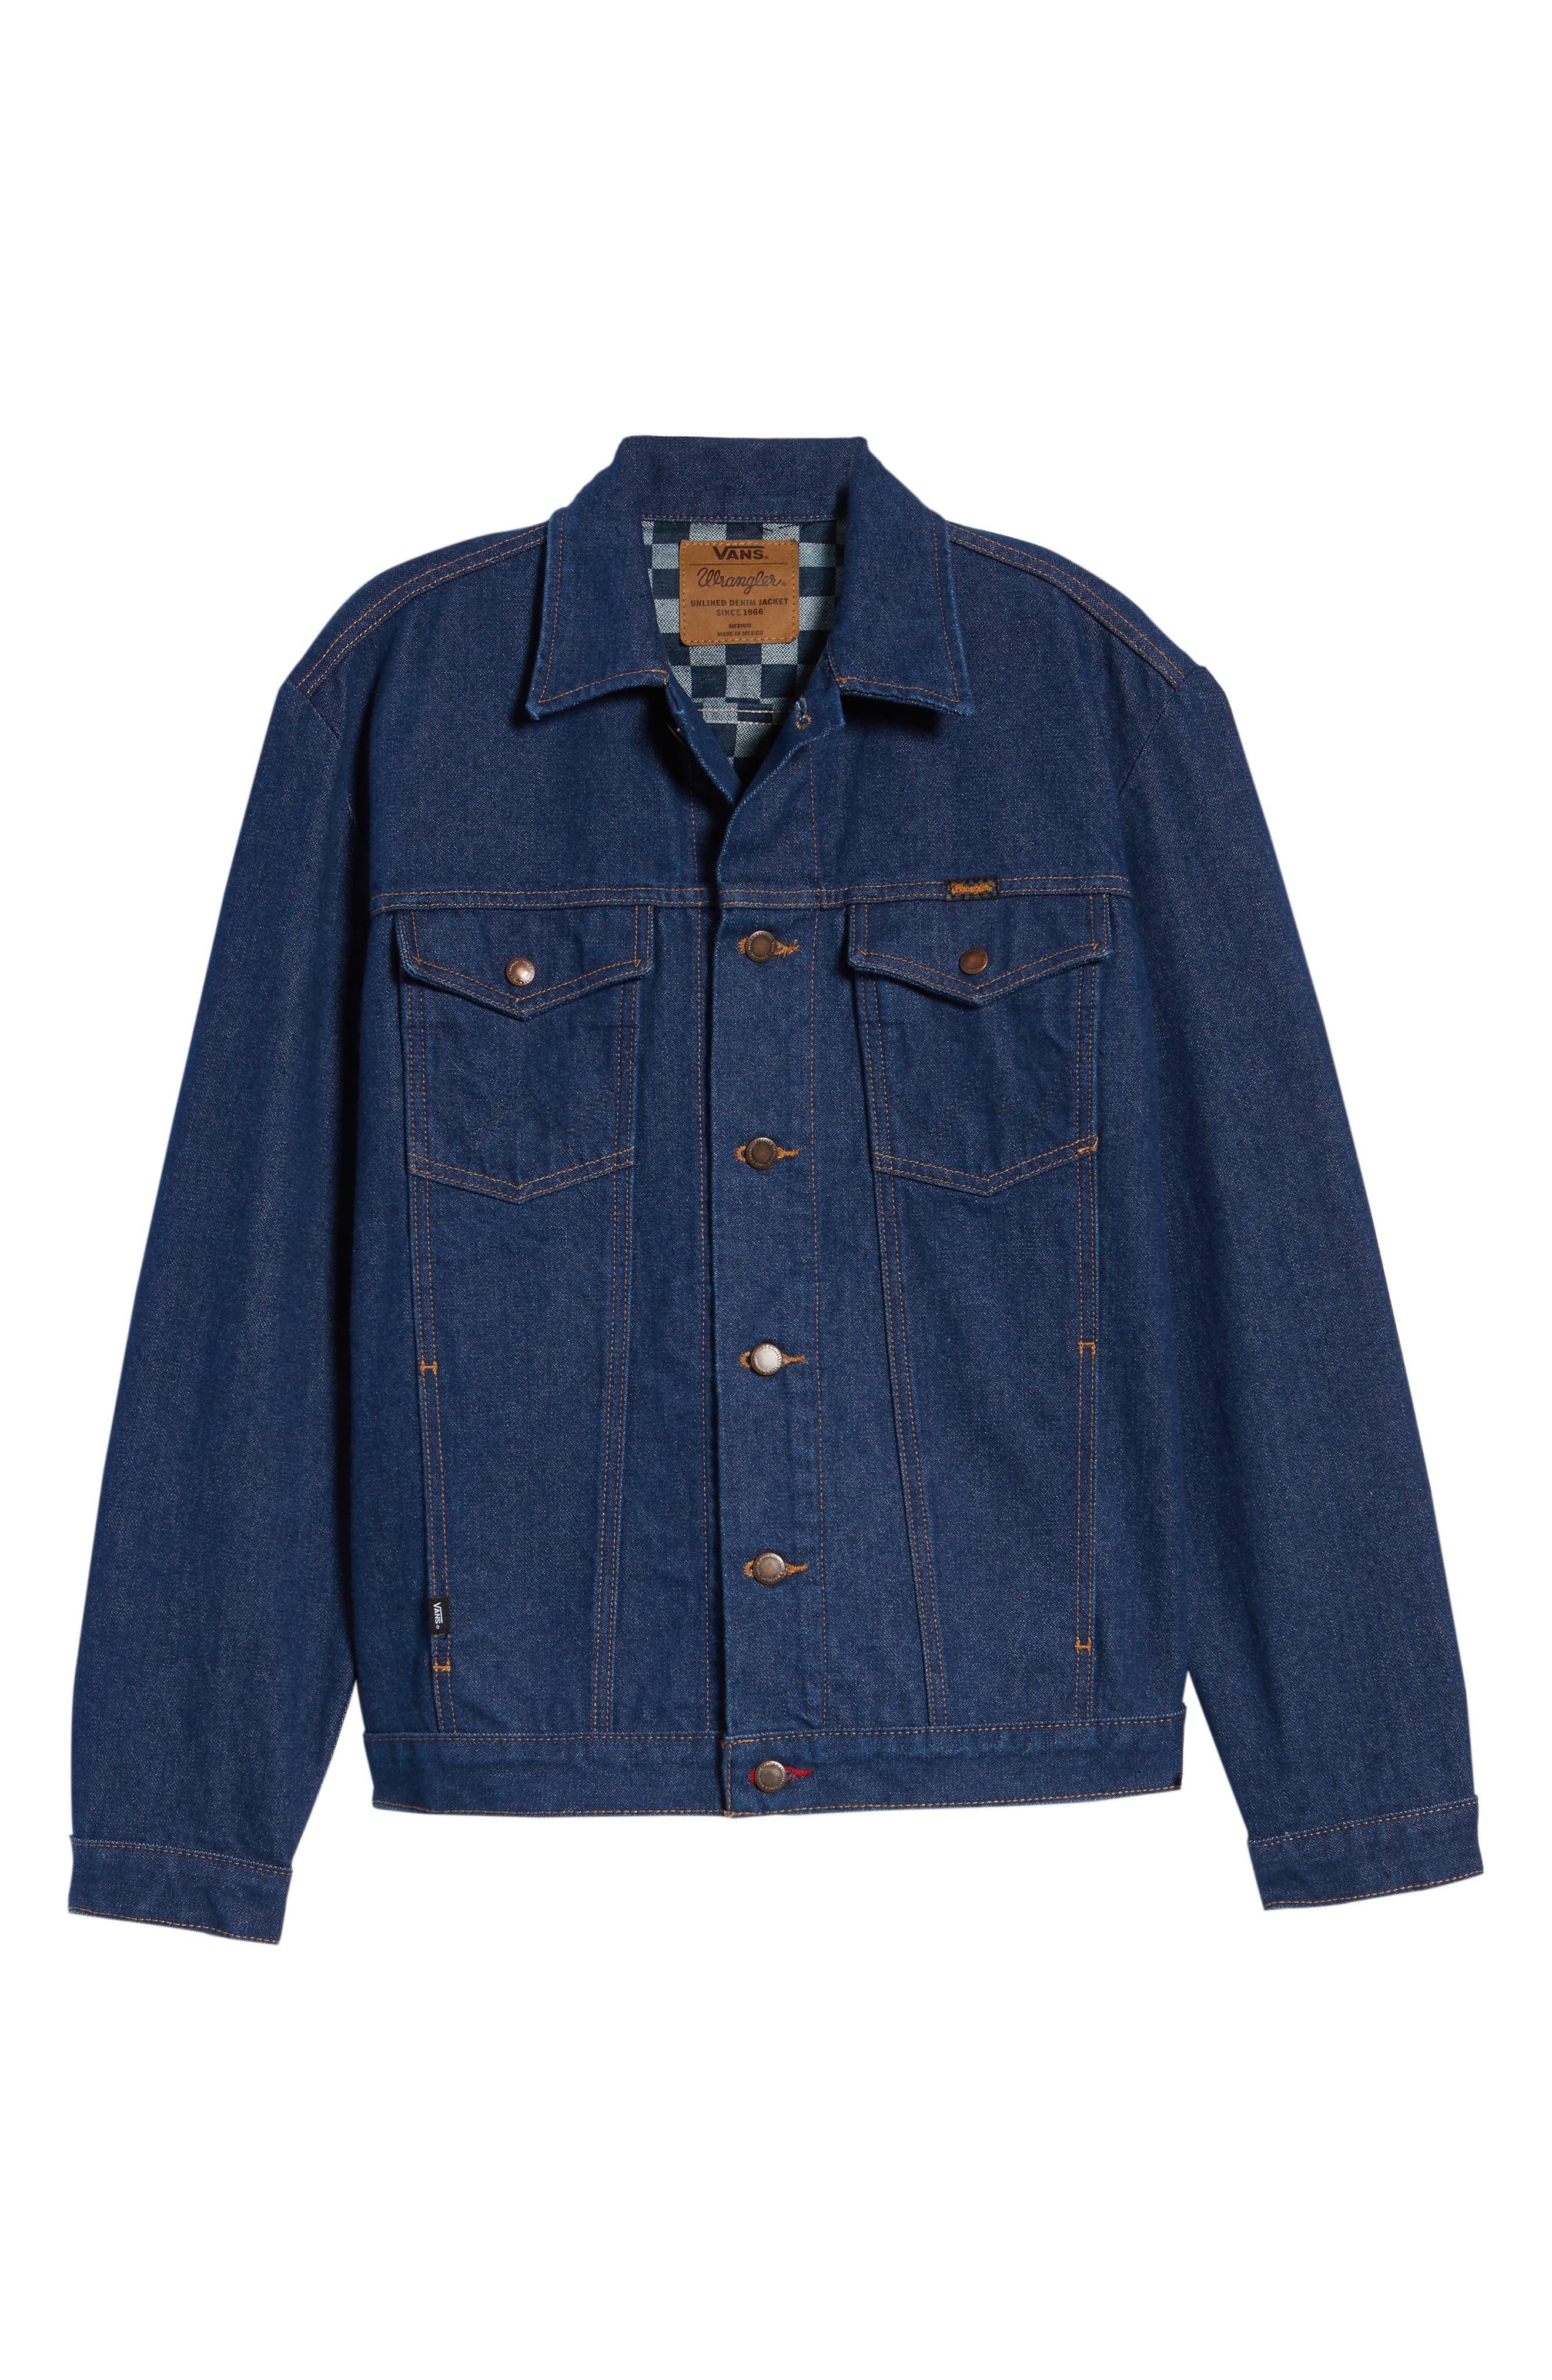 x Wrangler Denim Jacket,                             Alternate thumbnail 6, color,                             401